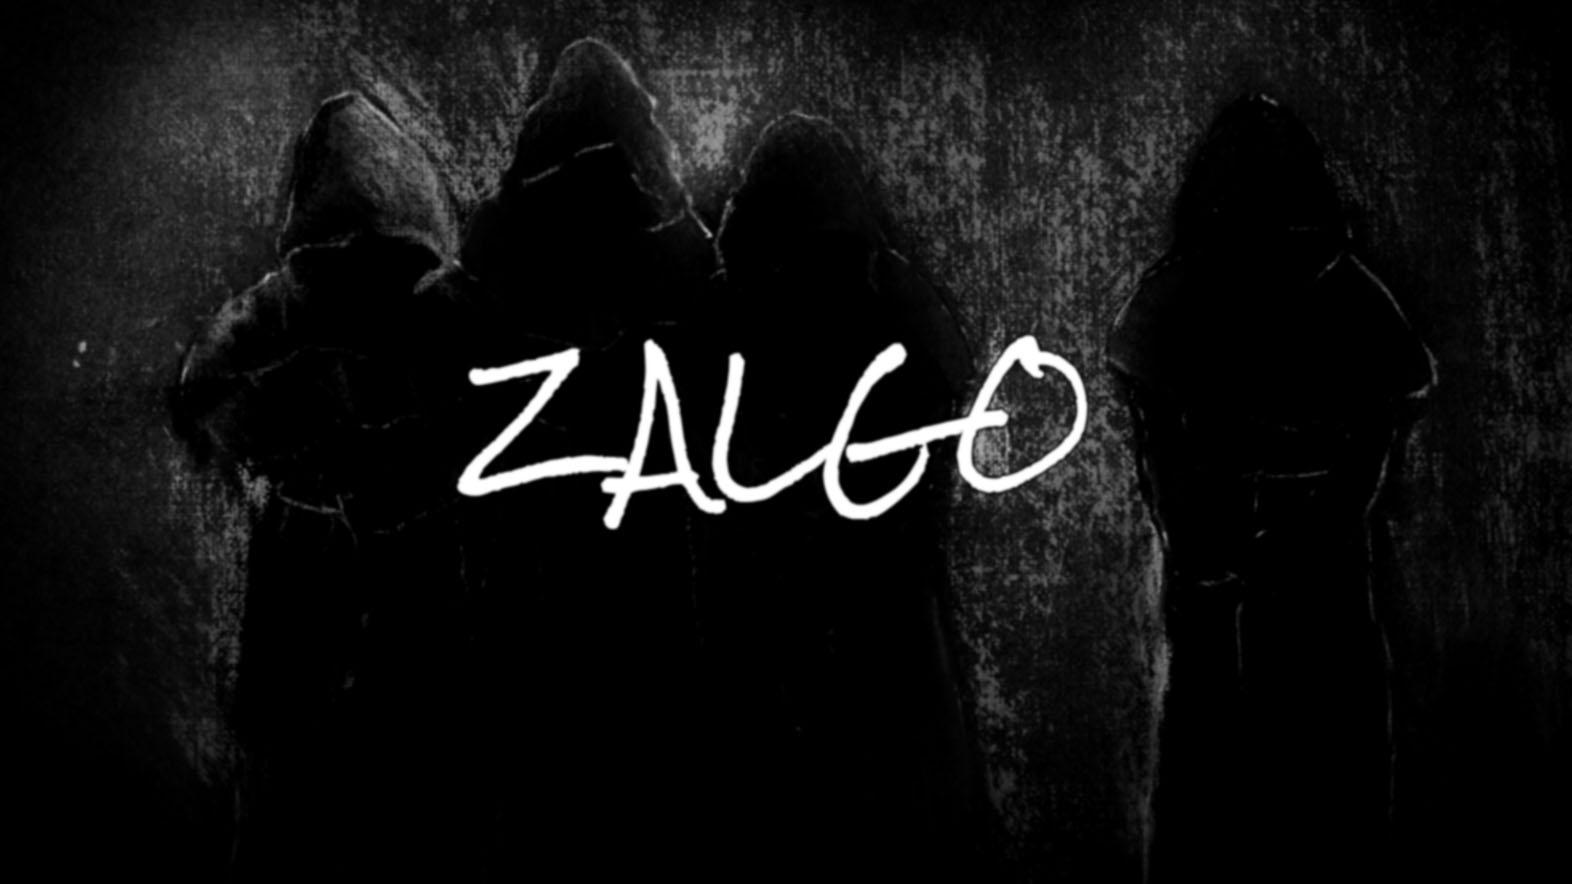 Zalgo | Know Your Meme